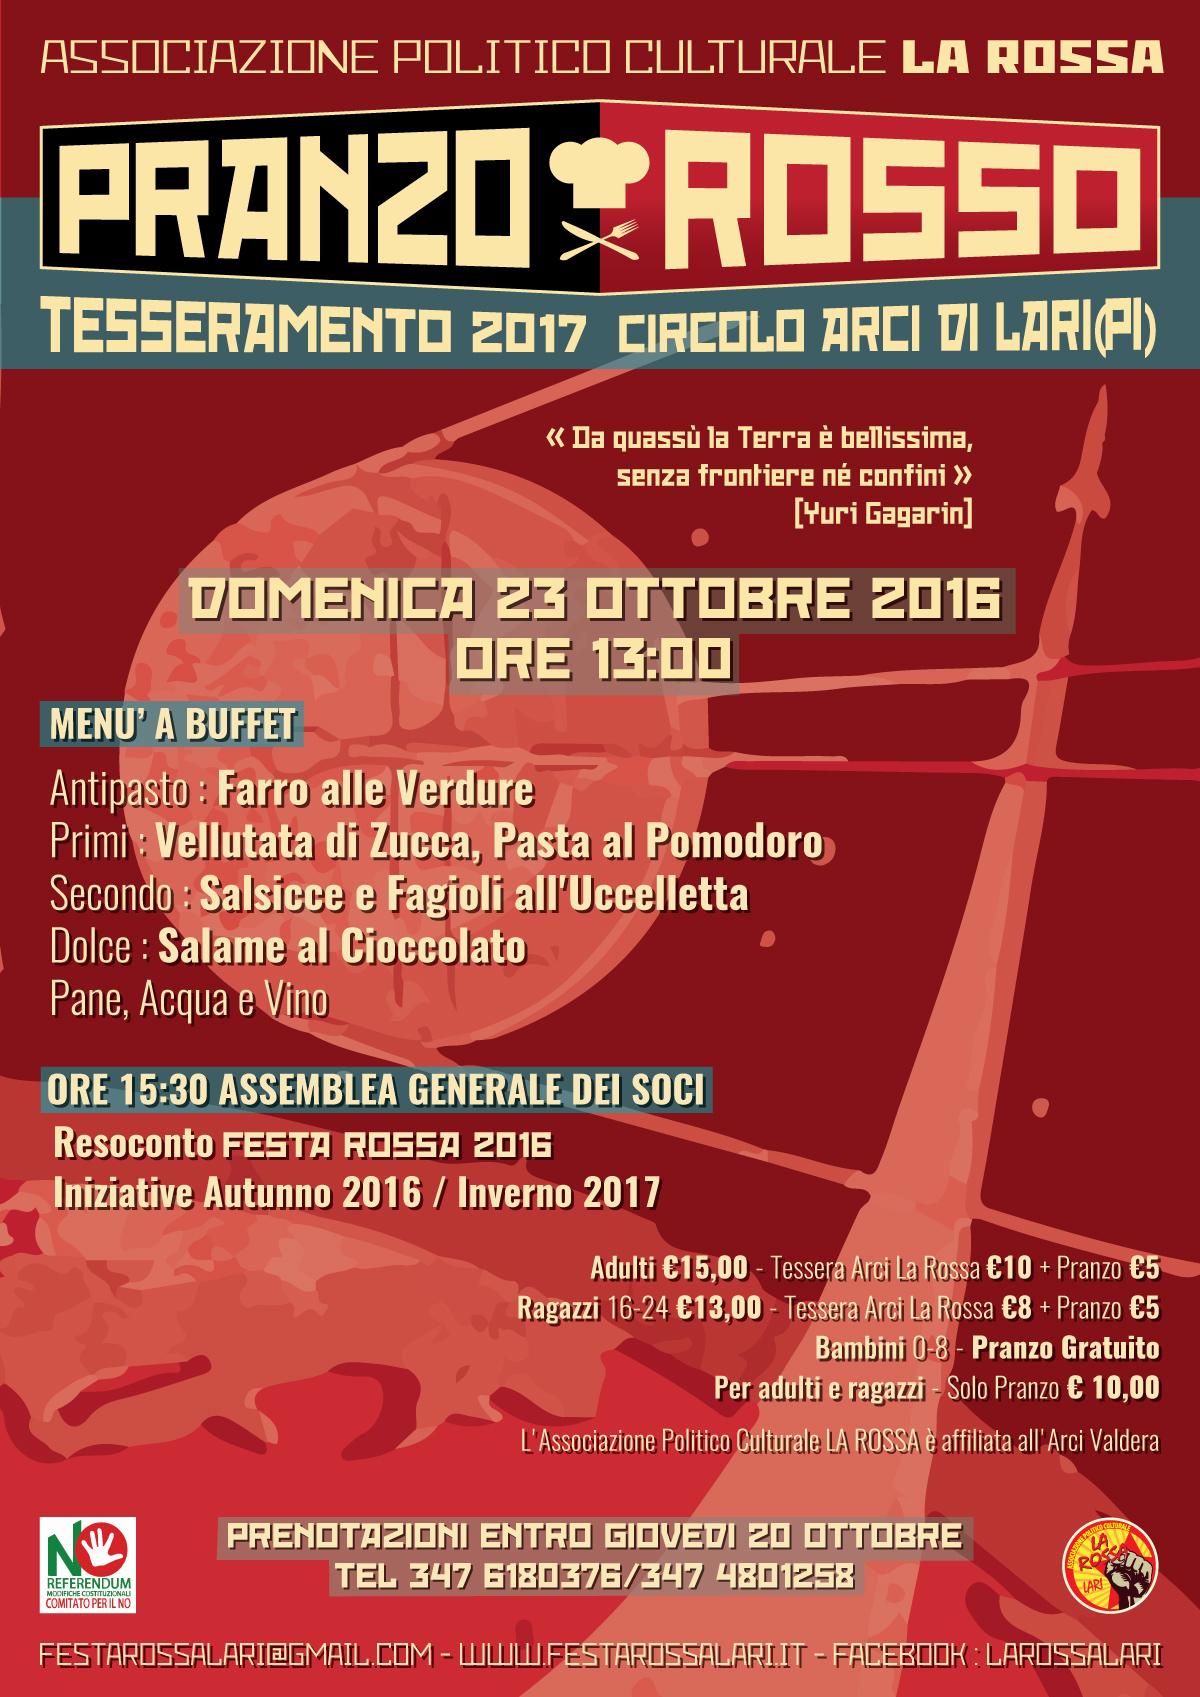 pranzorossolari_23-10-2016